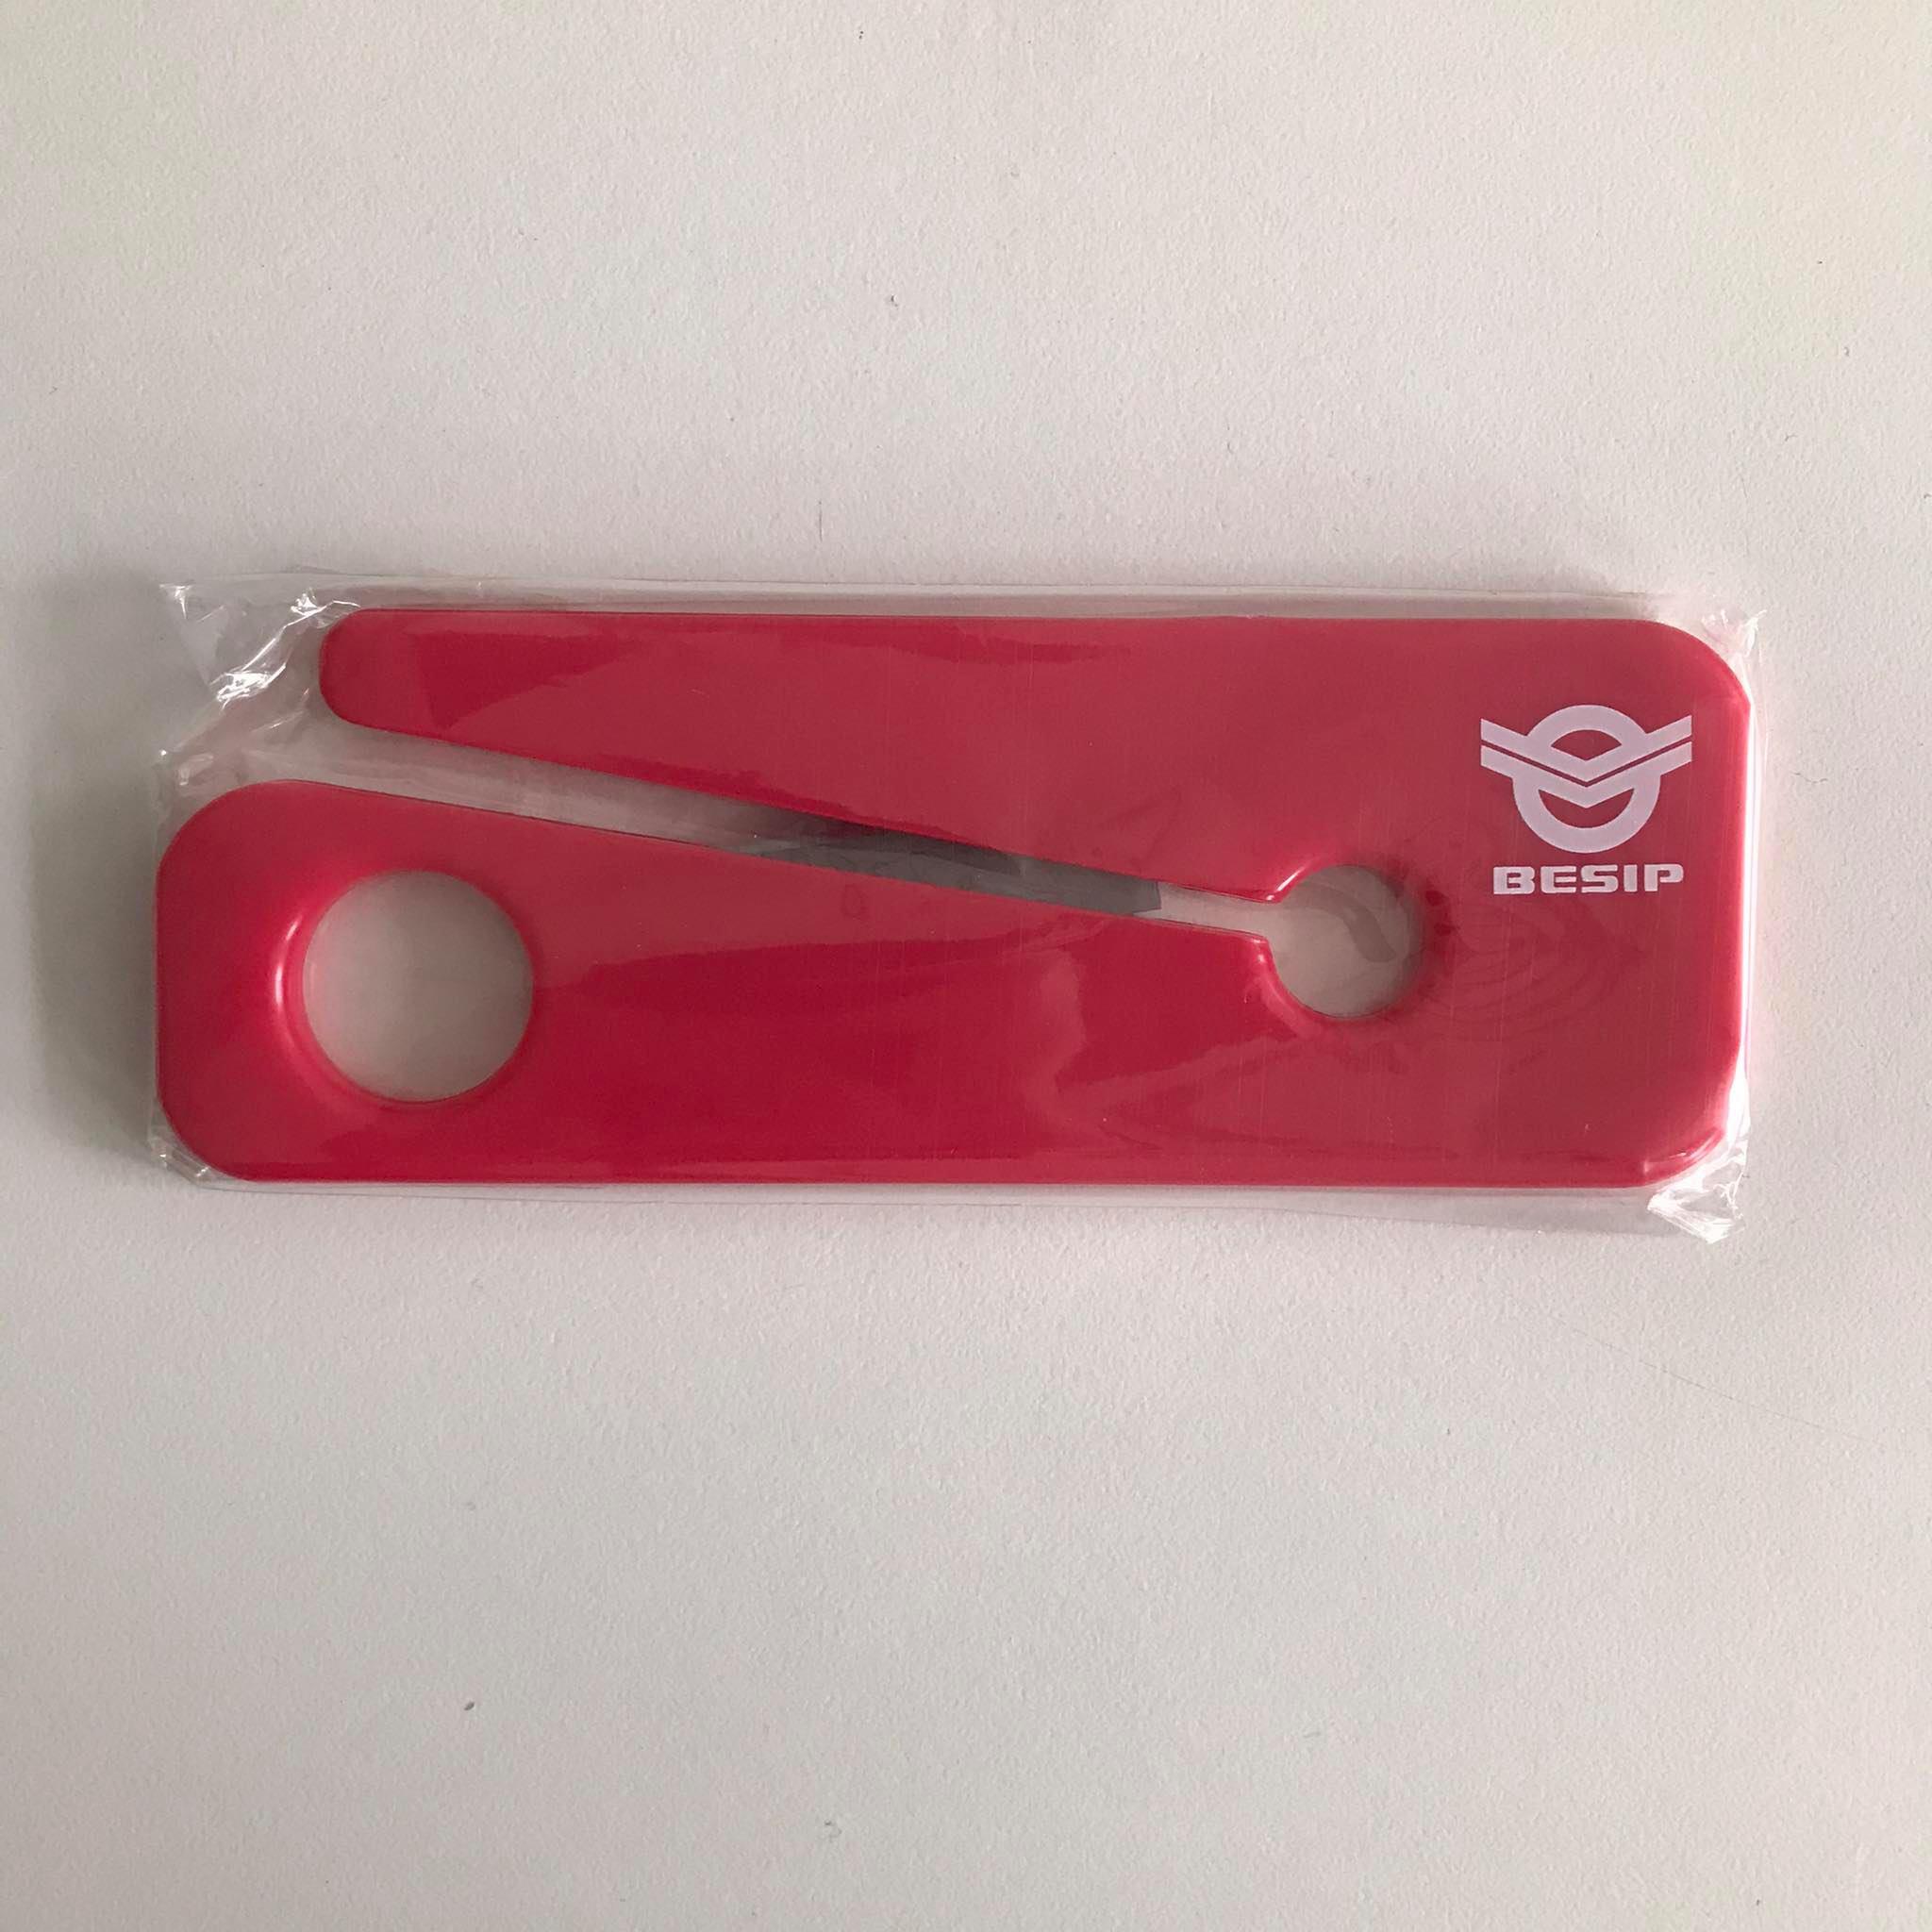 BESIP - řezač pásů